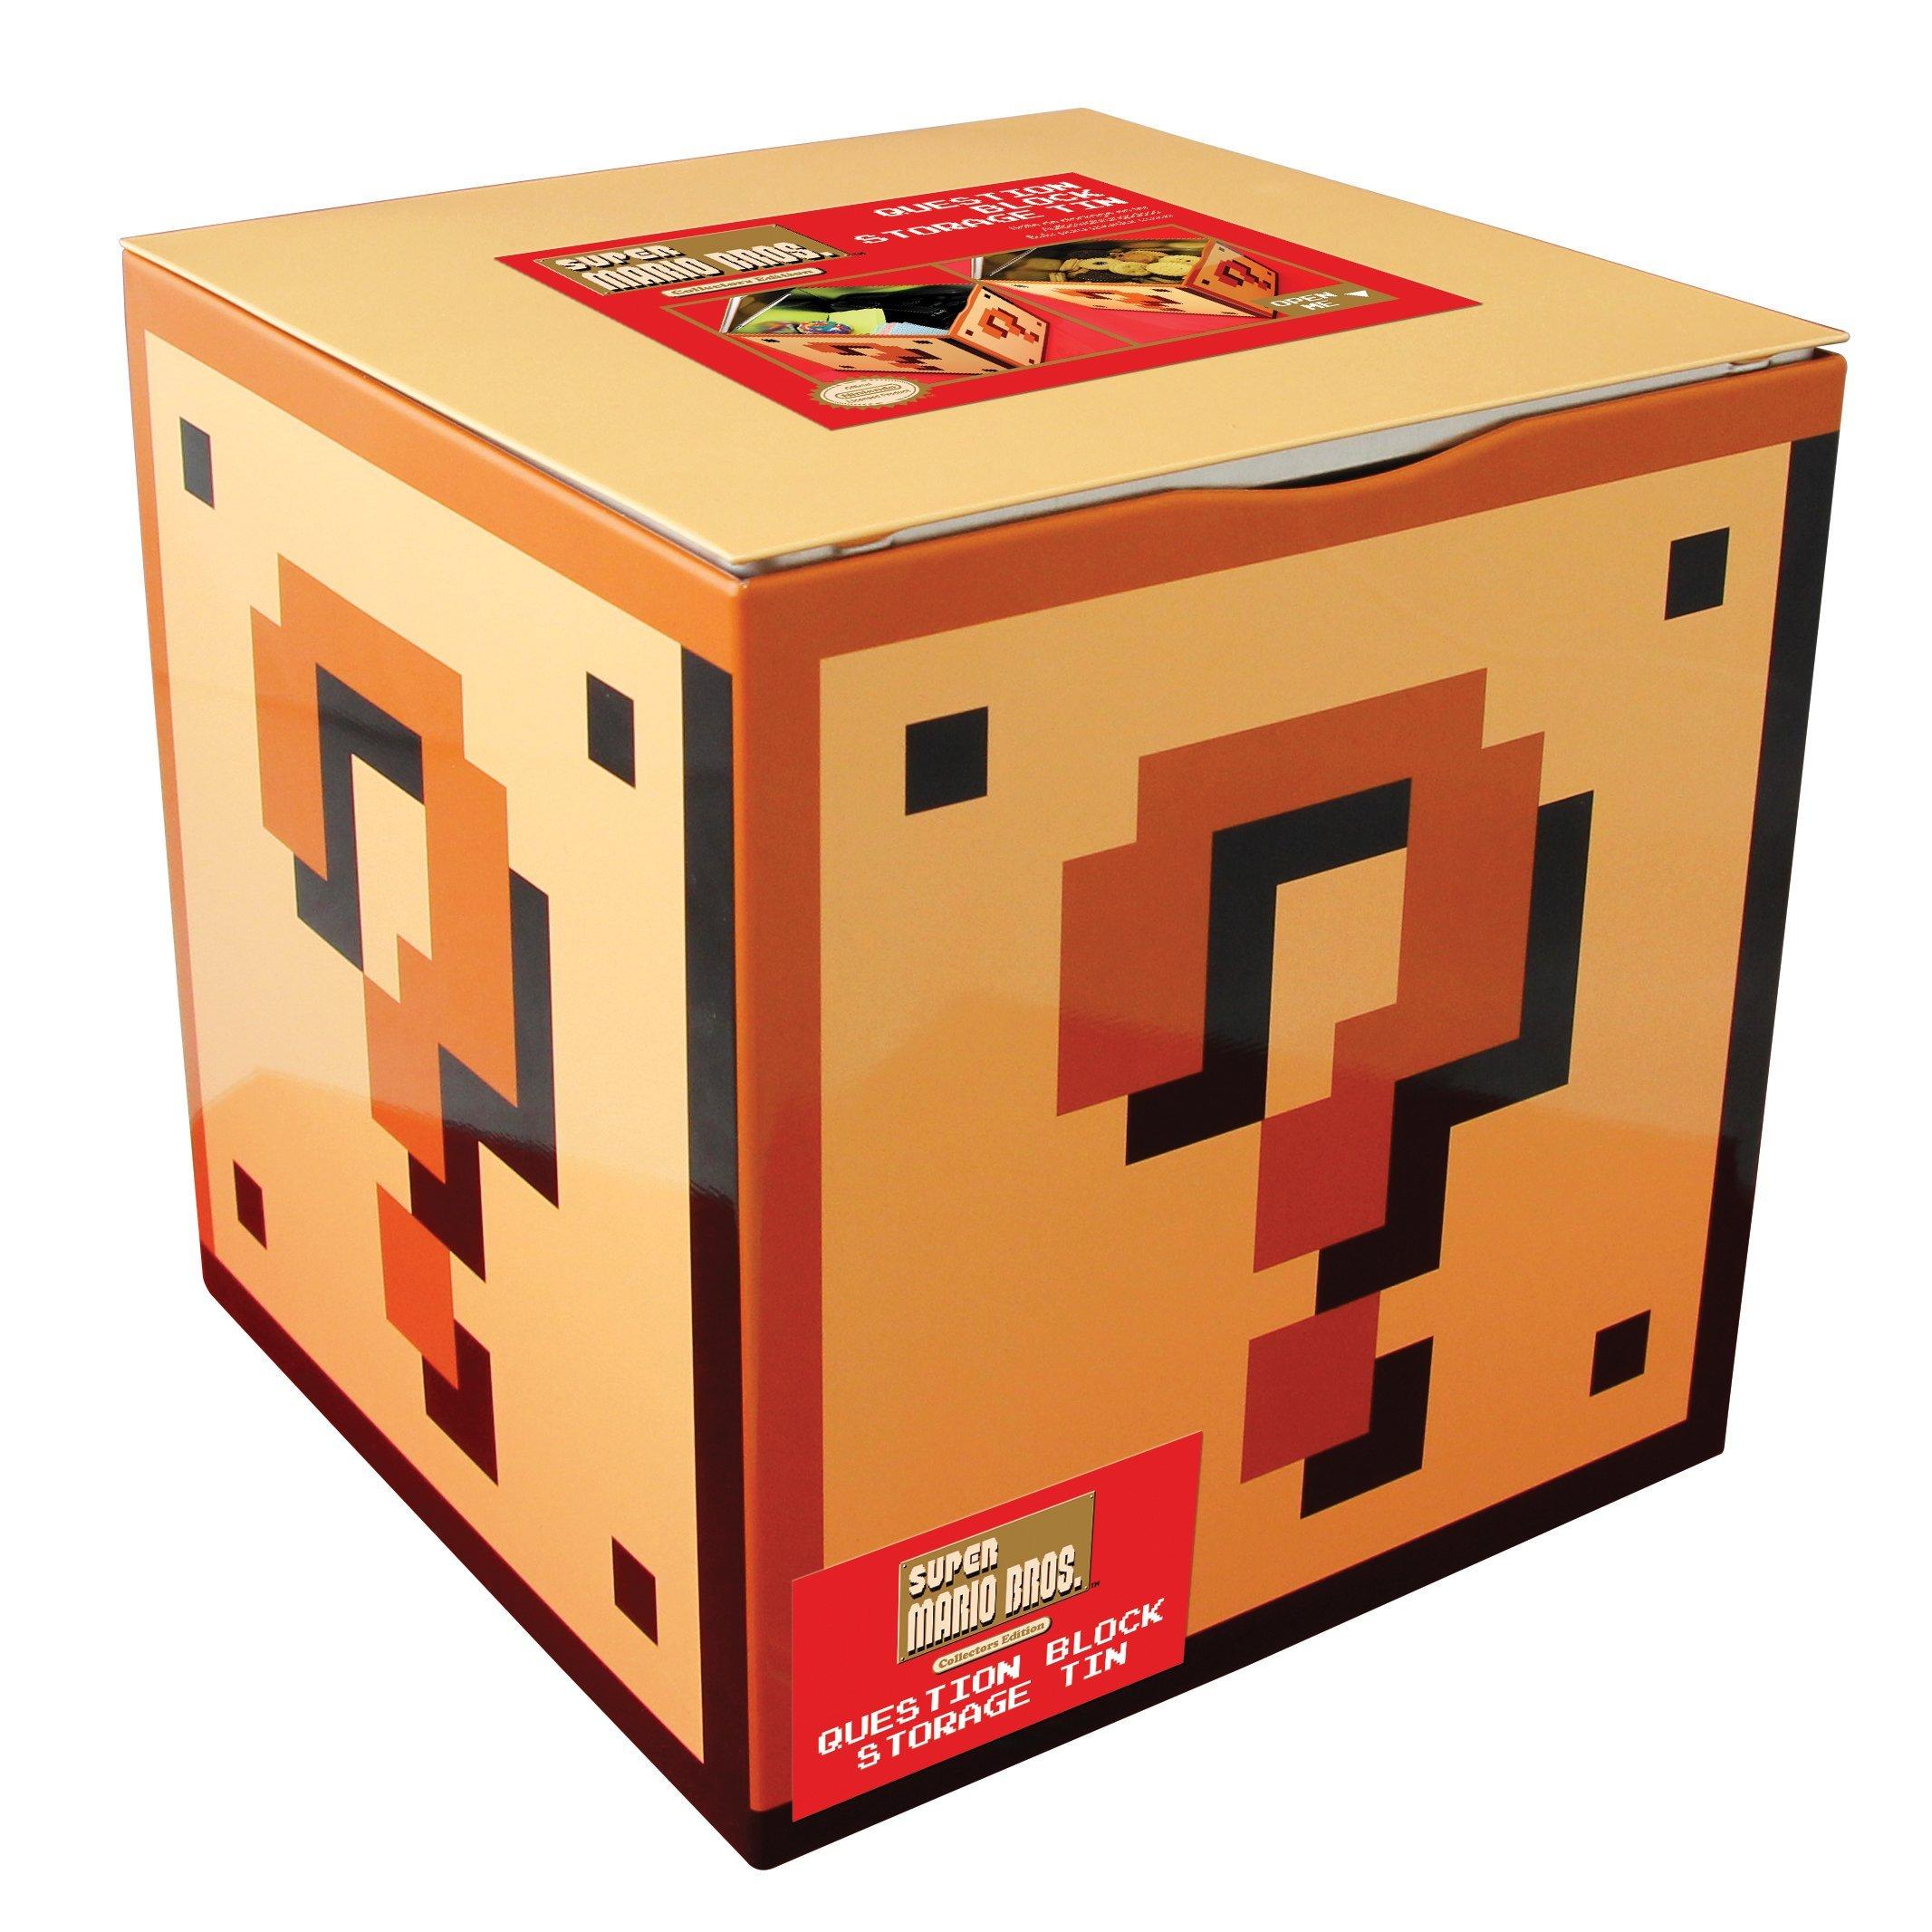 Paladone Caja Almacenaje Super Mario Bros, Metal, Amarillo, 18x18x18 cm: Amazon.es: Hogar